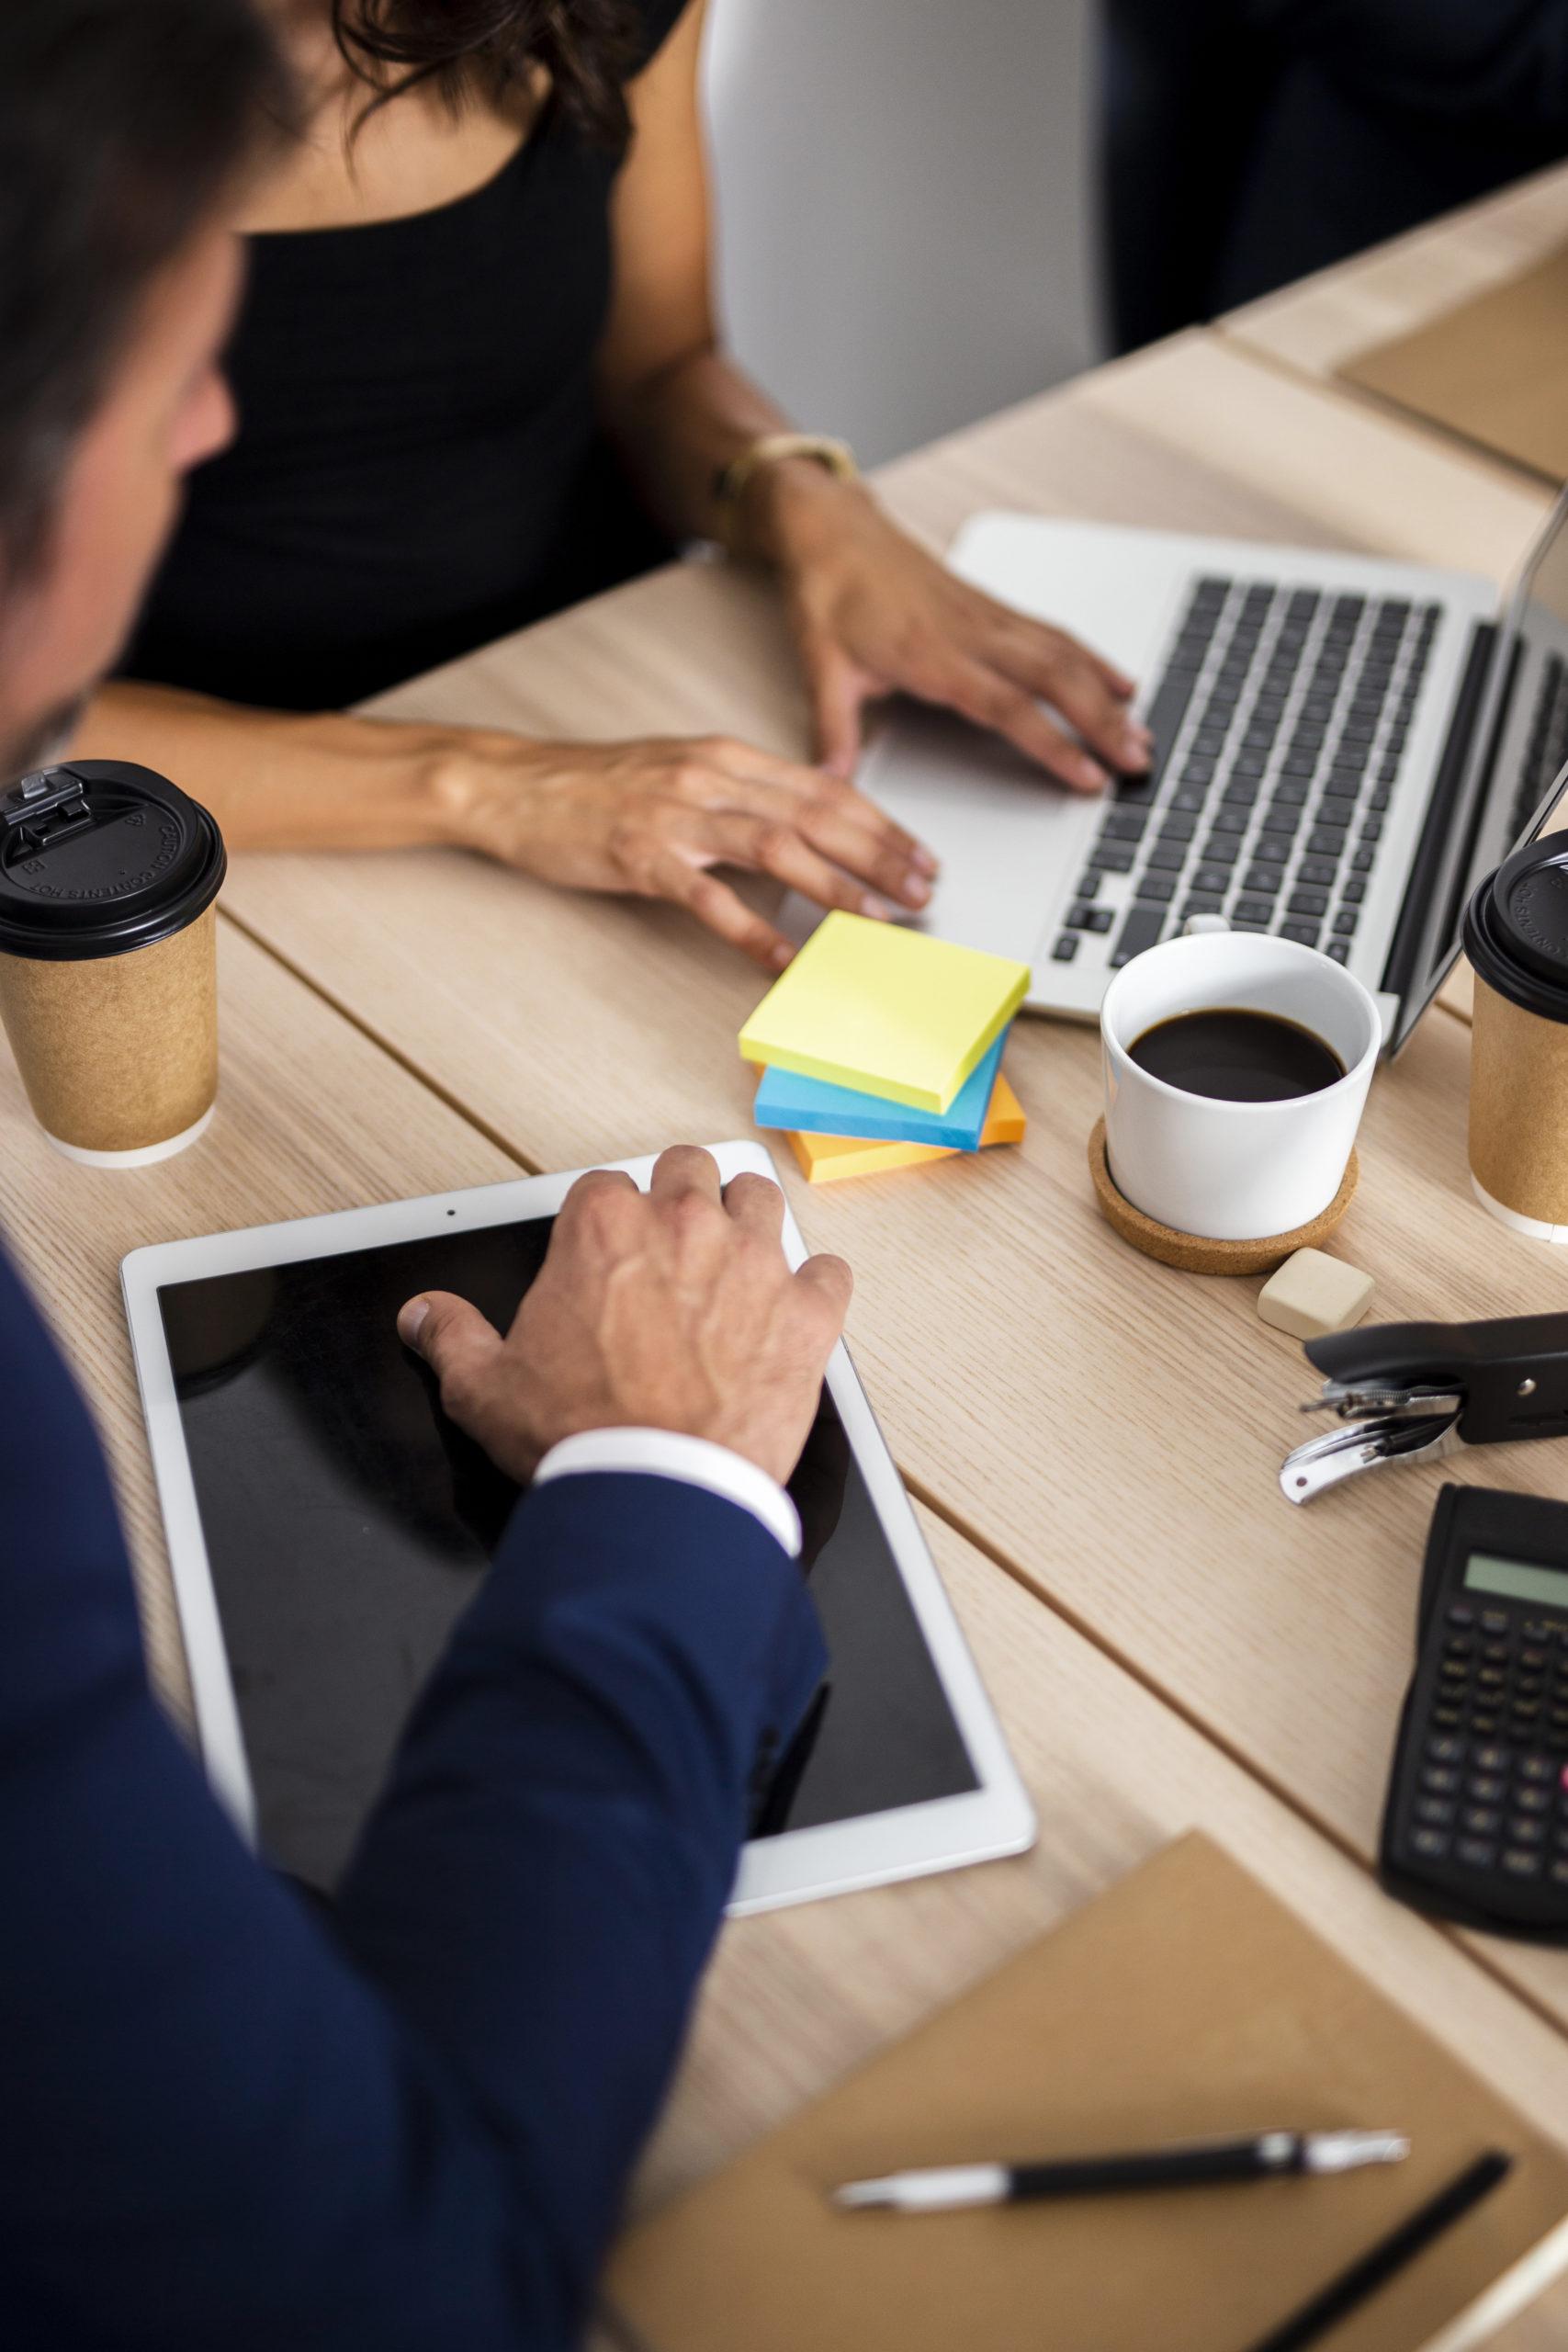 por que você deve repensar reuniões em cafés?